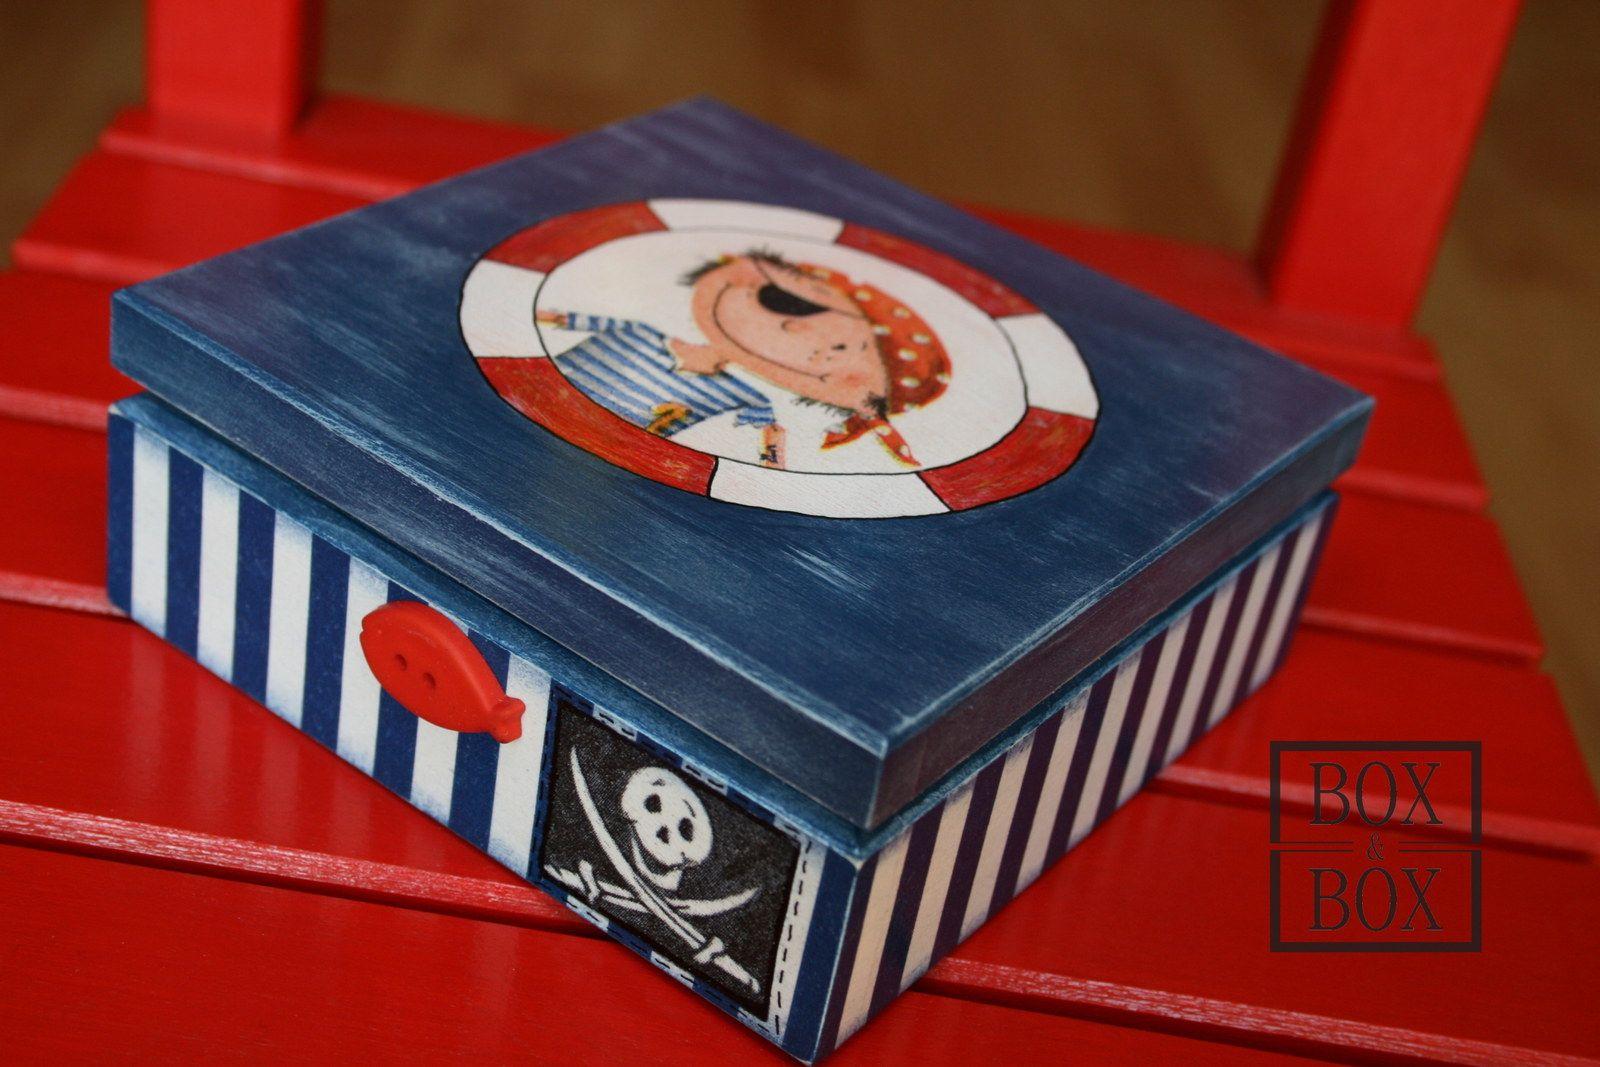 Pirate / Mercadorias fornecedor BOXandBOX | Fler.cz